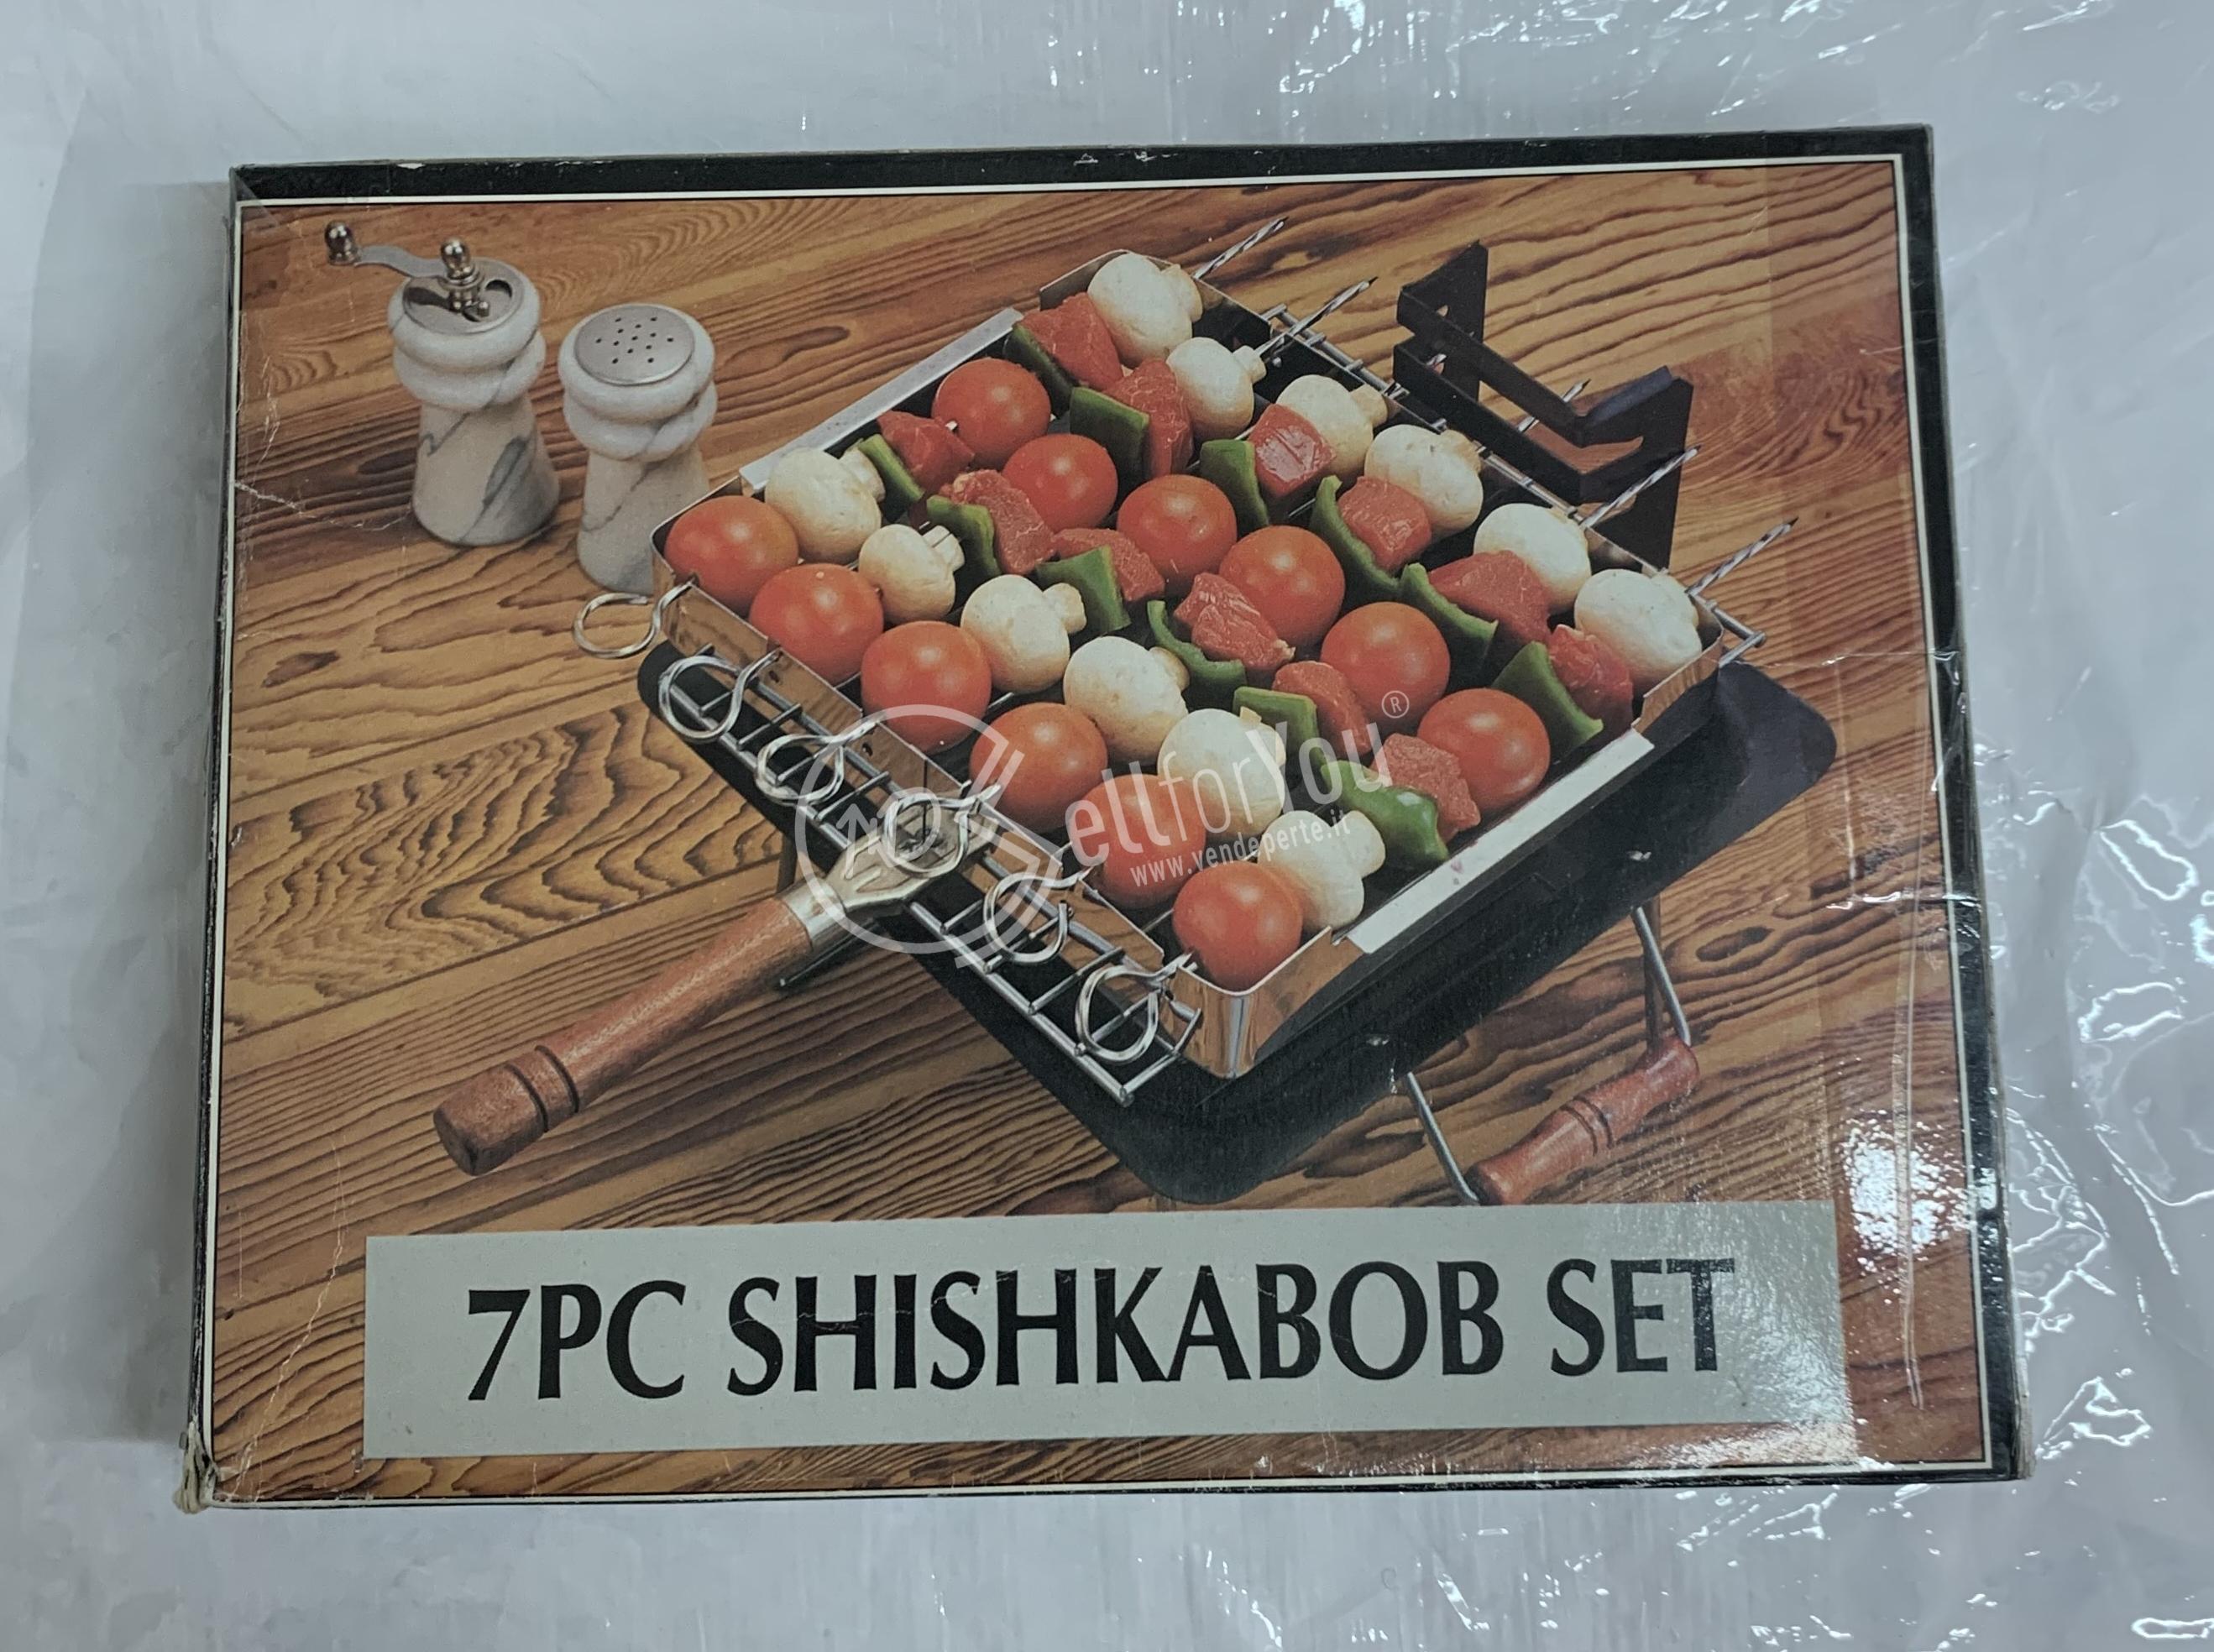 sellforyou immagine default articolo correlato non trovatoBase griglia con spiedi '' Shishkabob set''